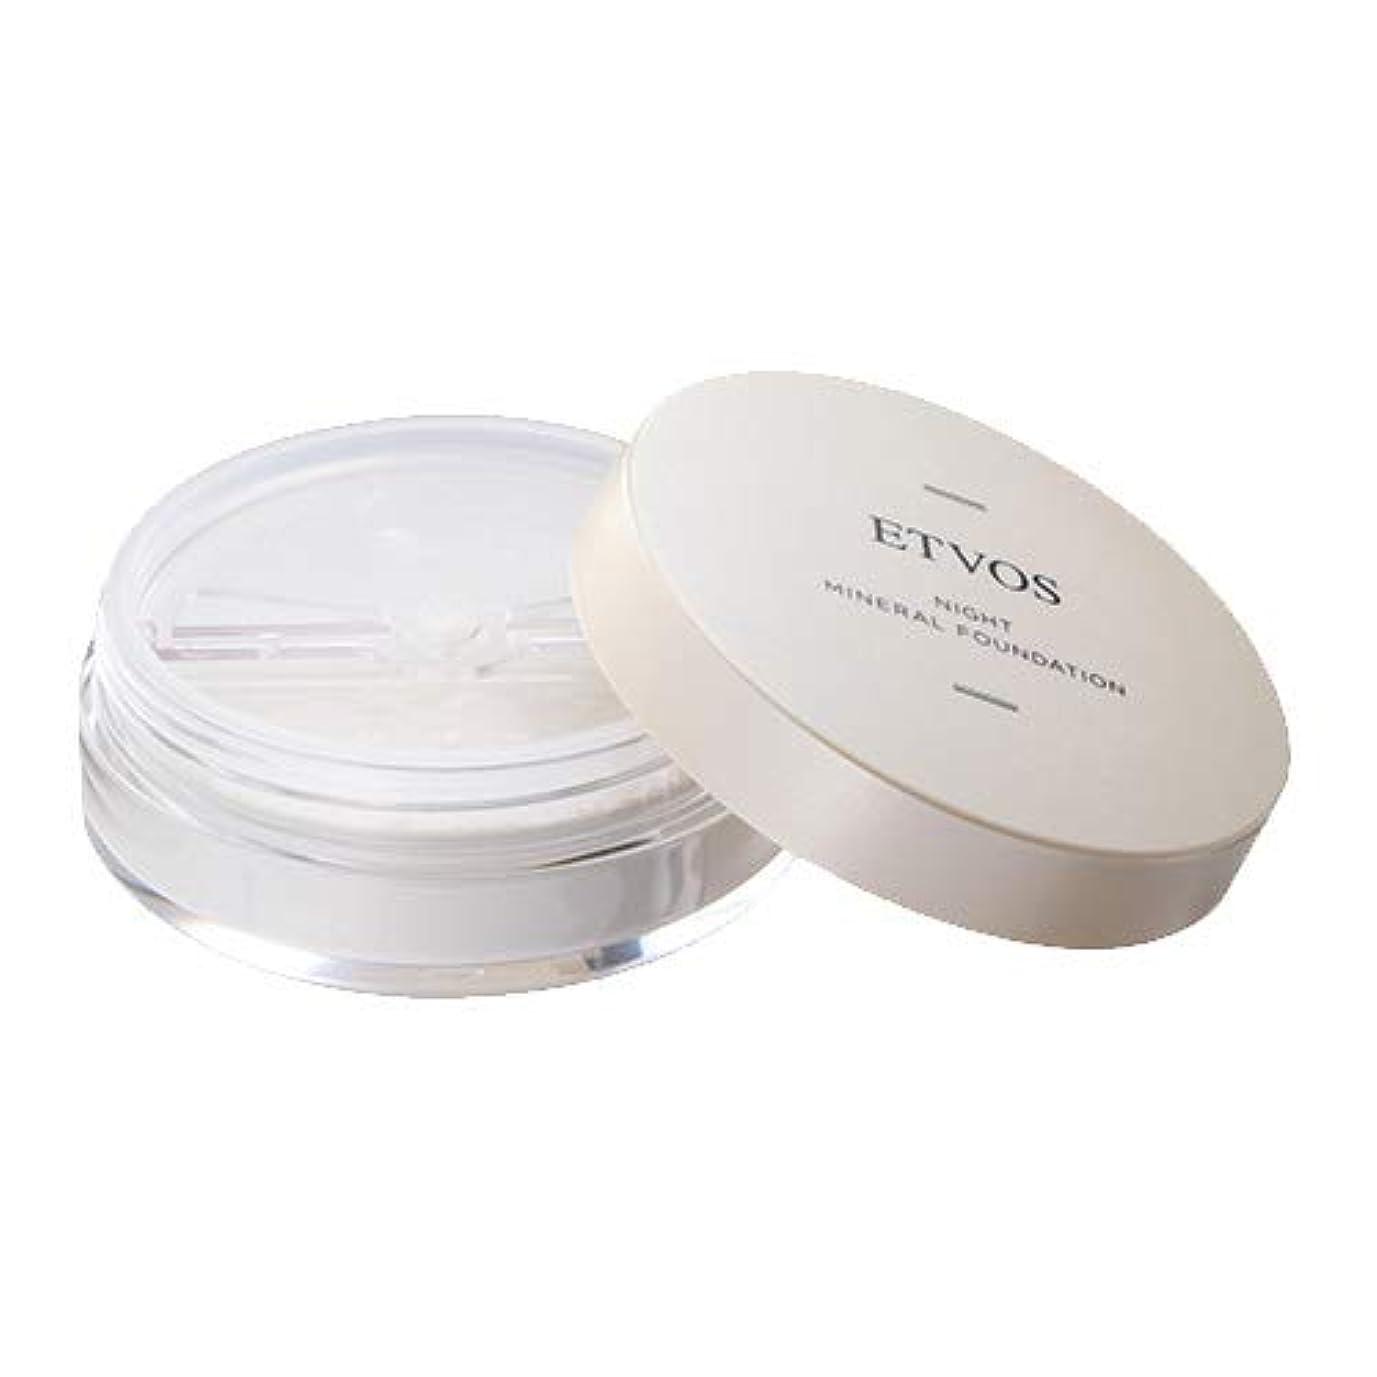 セットする前者心理的にETVOS(エトヴォス) 夜用化粧下地 ナイトミネラルファンデーション 5g フェイスパウダー 皮脂吸着/崩れ防止